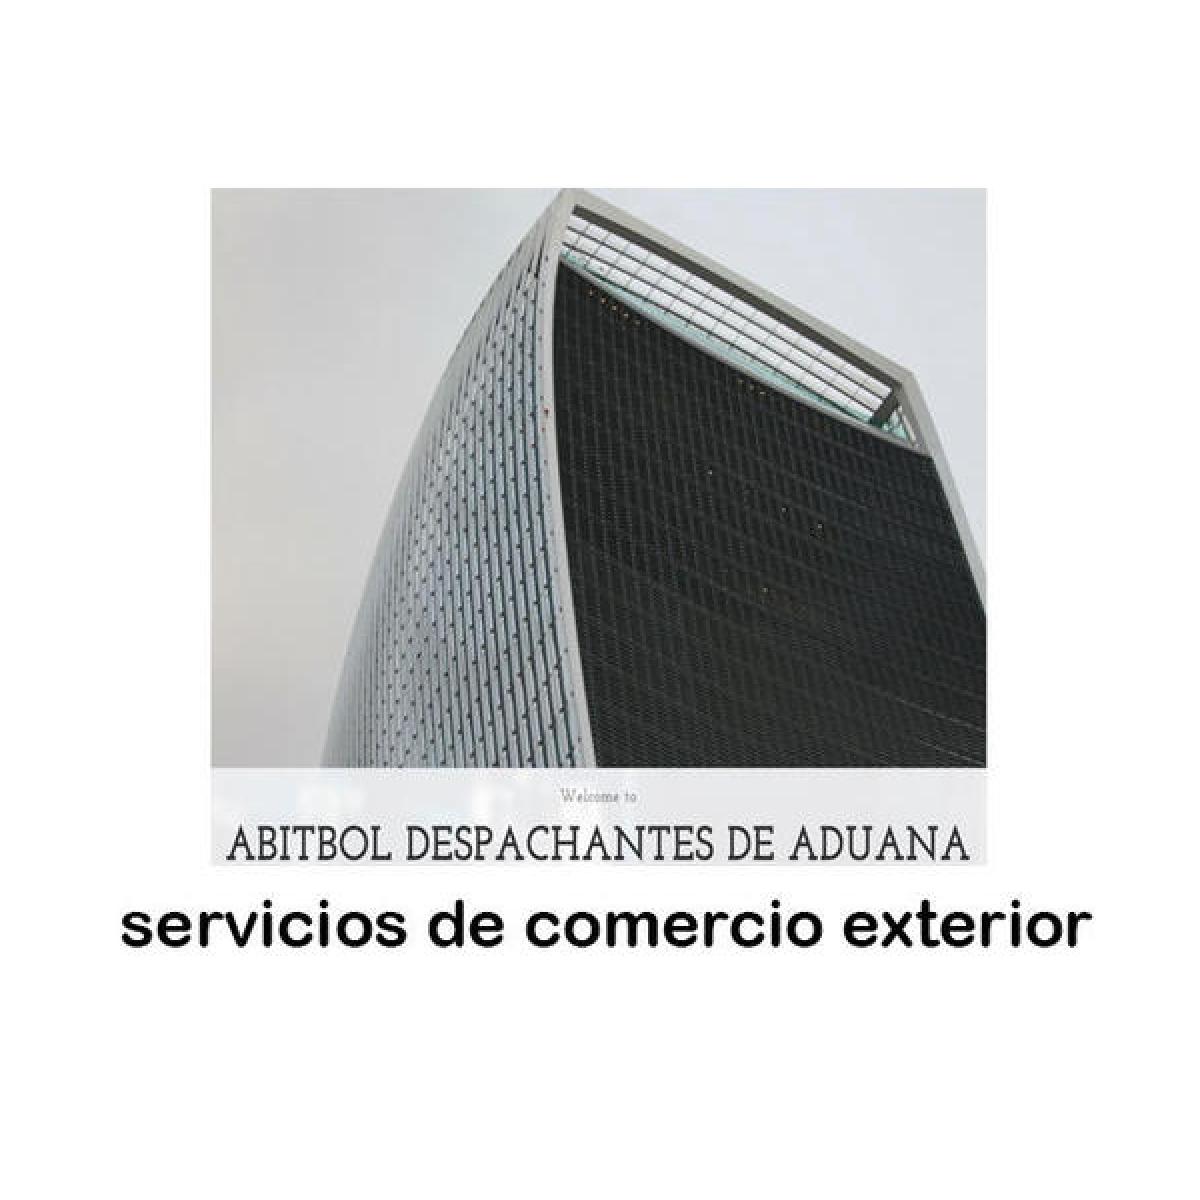 ABITBOL- DESPACHANTES DE ADUANA- SERVICIOS DE COMERCIO EXTERIOR